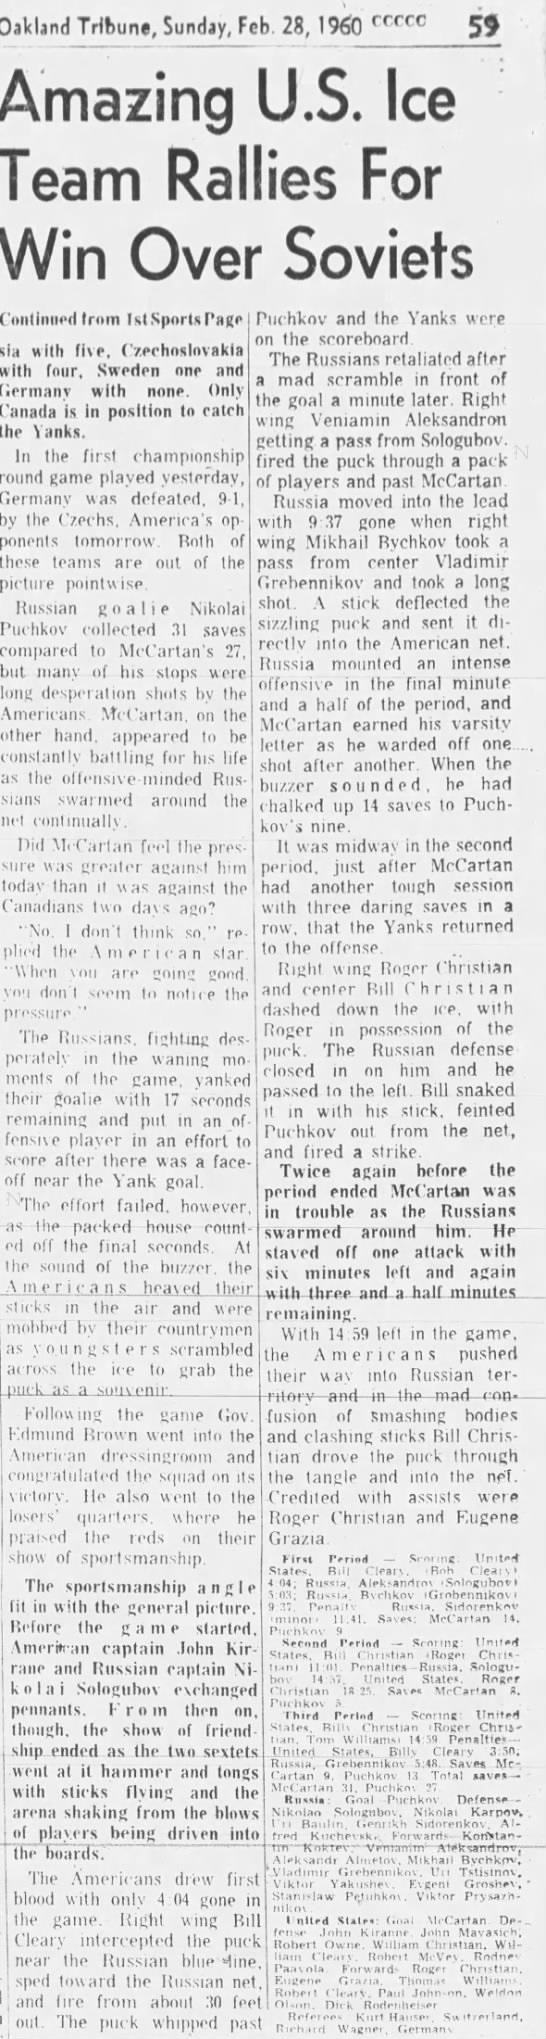 1960-02-28 - Oakland Tribune (USA-CCCP 3-2).jpg